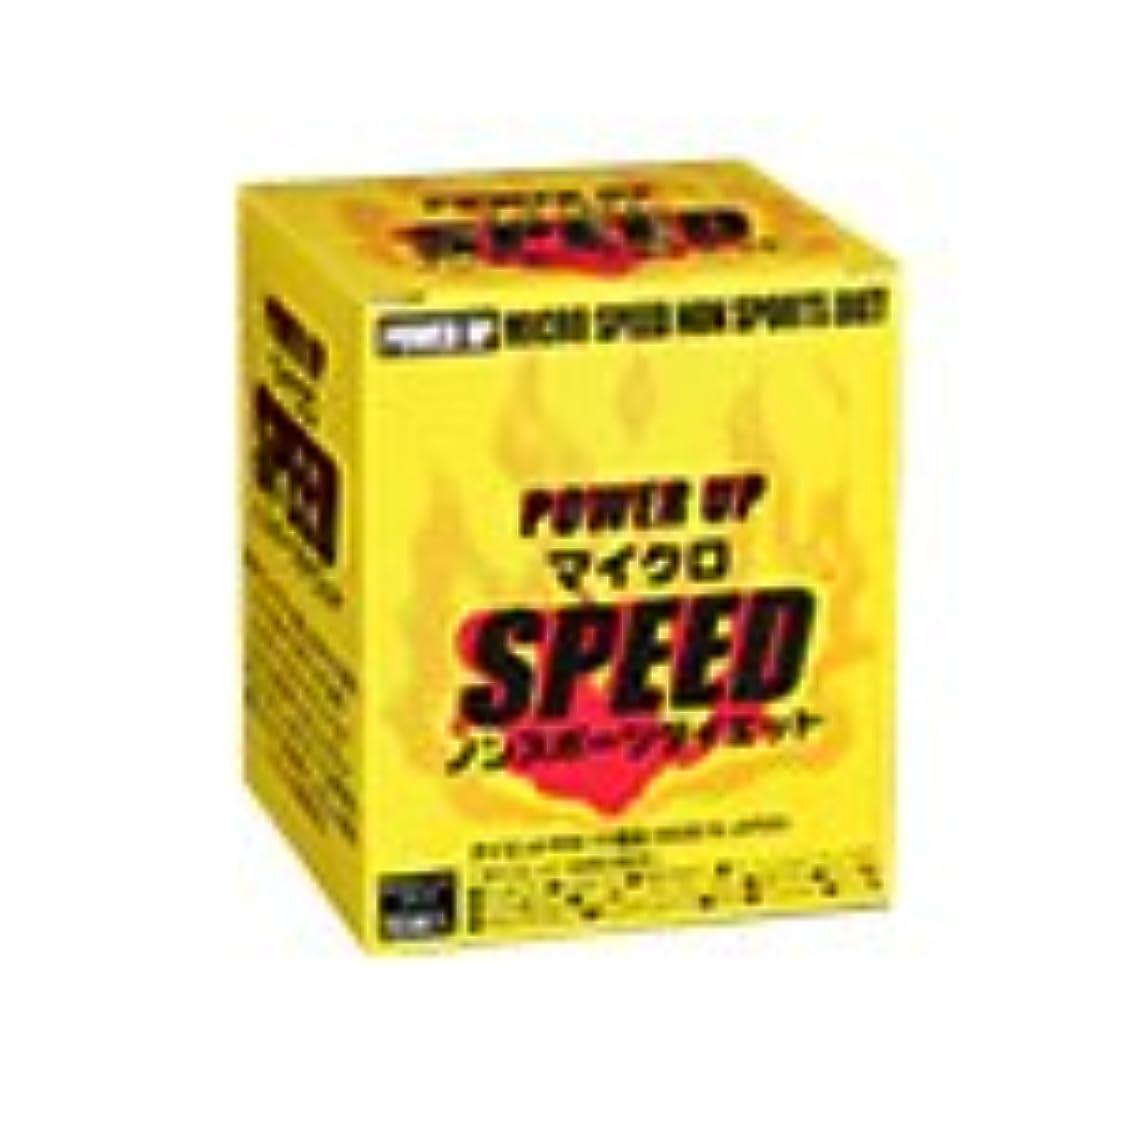 斧つぼみ肉マイクロスピードノンスポーツダイエット 1箱